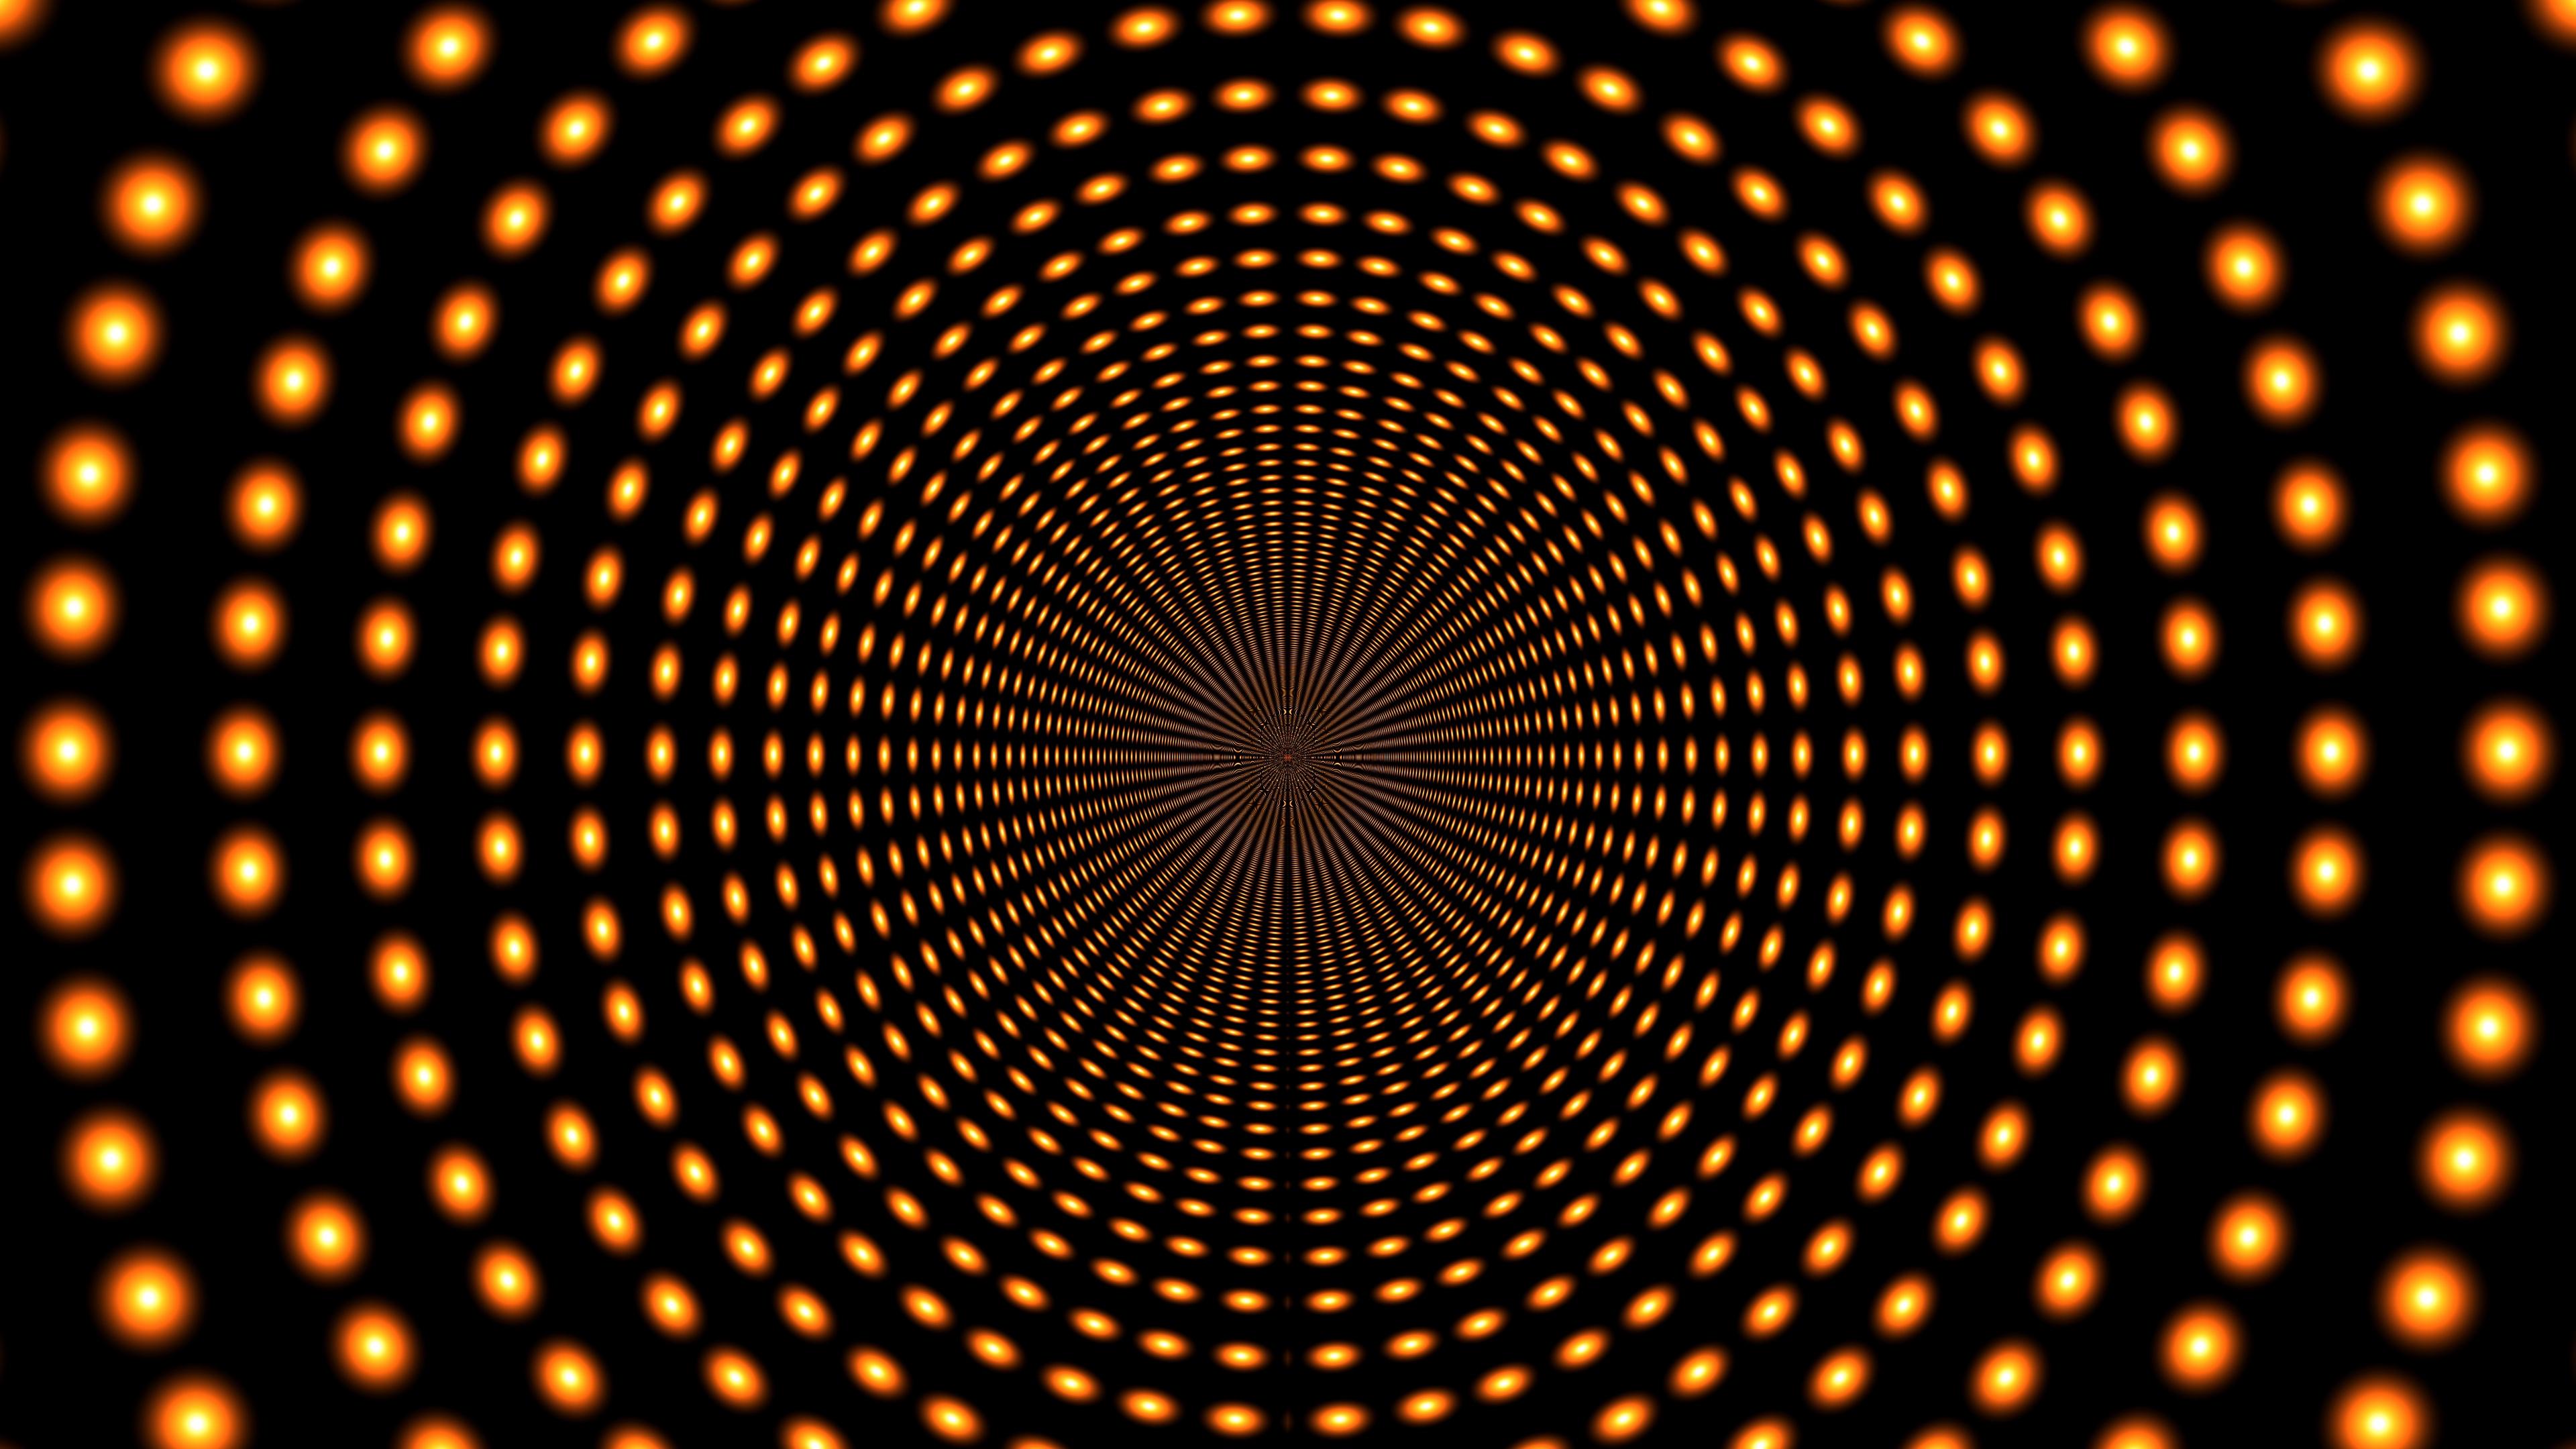 circles rotation immersion 4k 1539370180 - circles, rotation, immersion 4k - rotation, Immersion, Circles